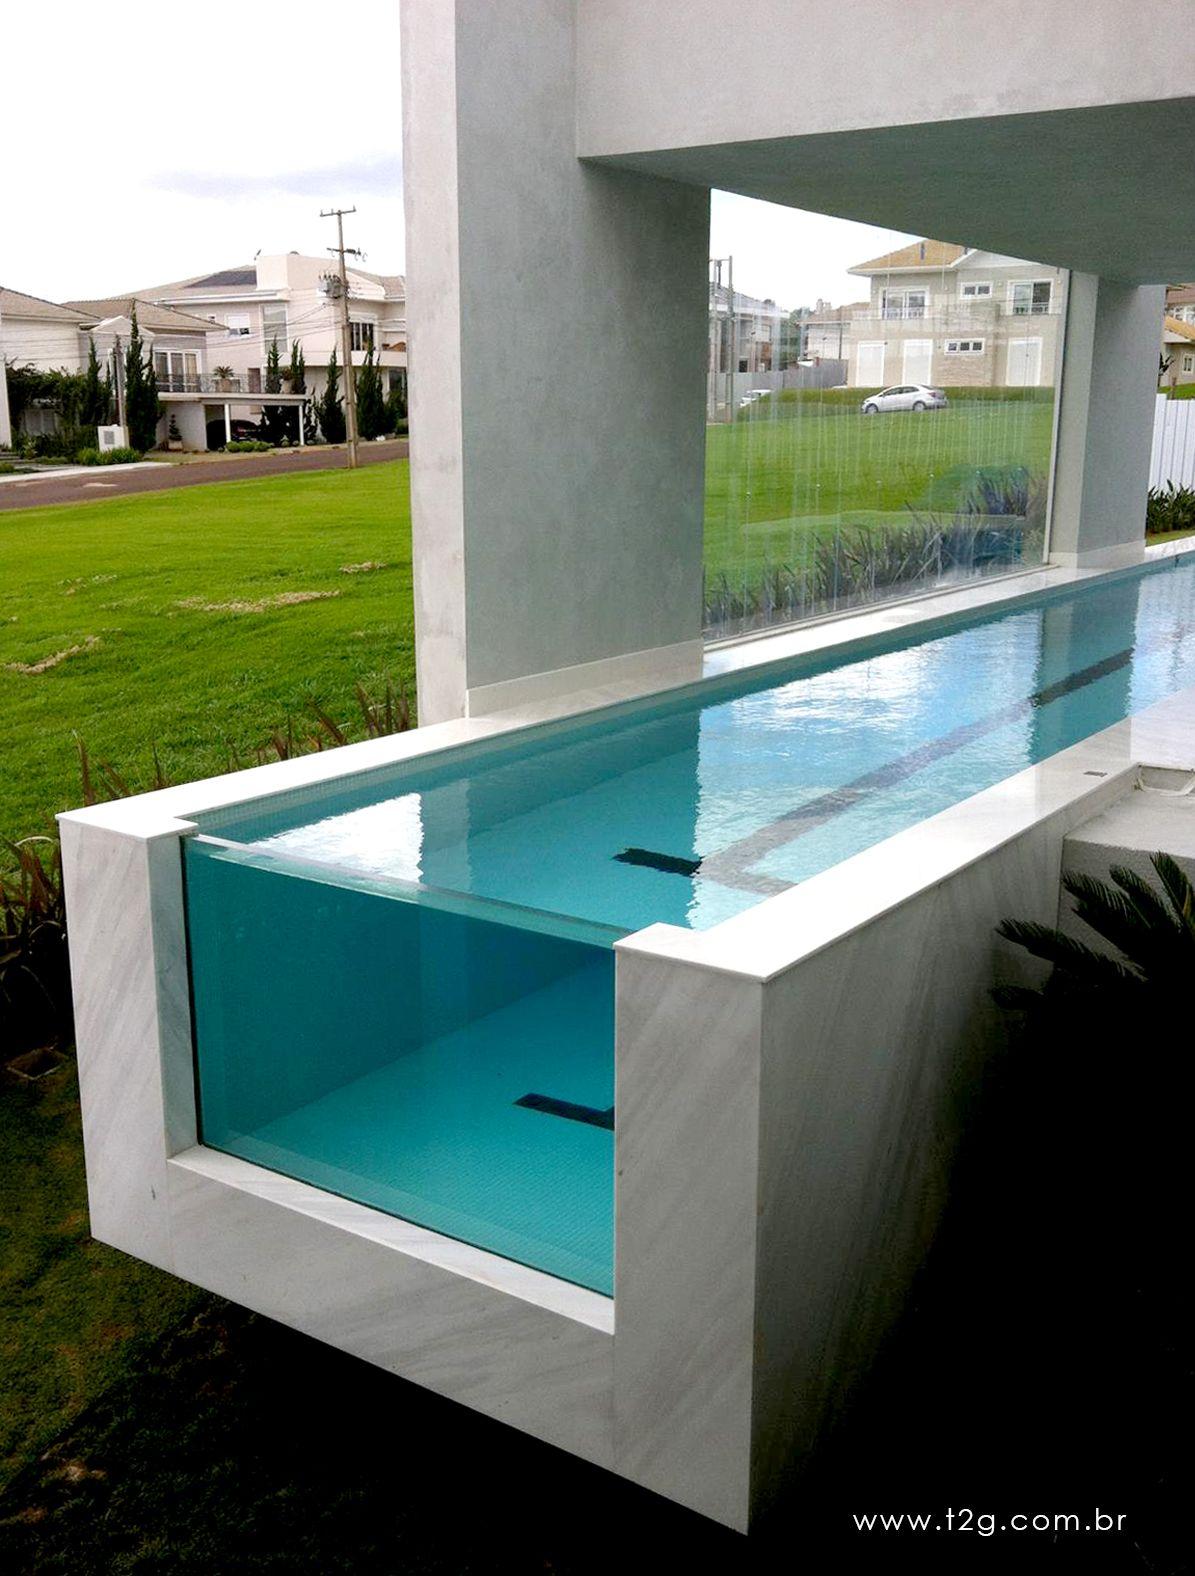 Piscina de vidro terrazas piscina playa piscinas mini - Minipiscinas para terrazas ...